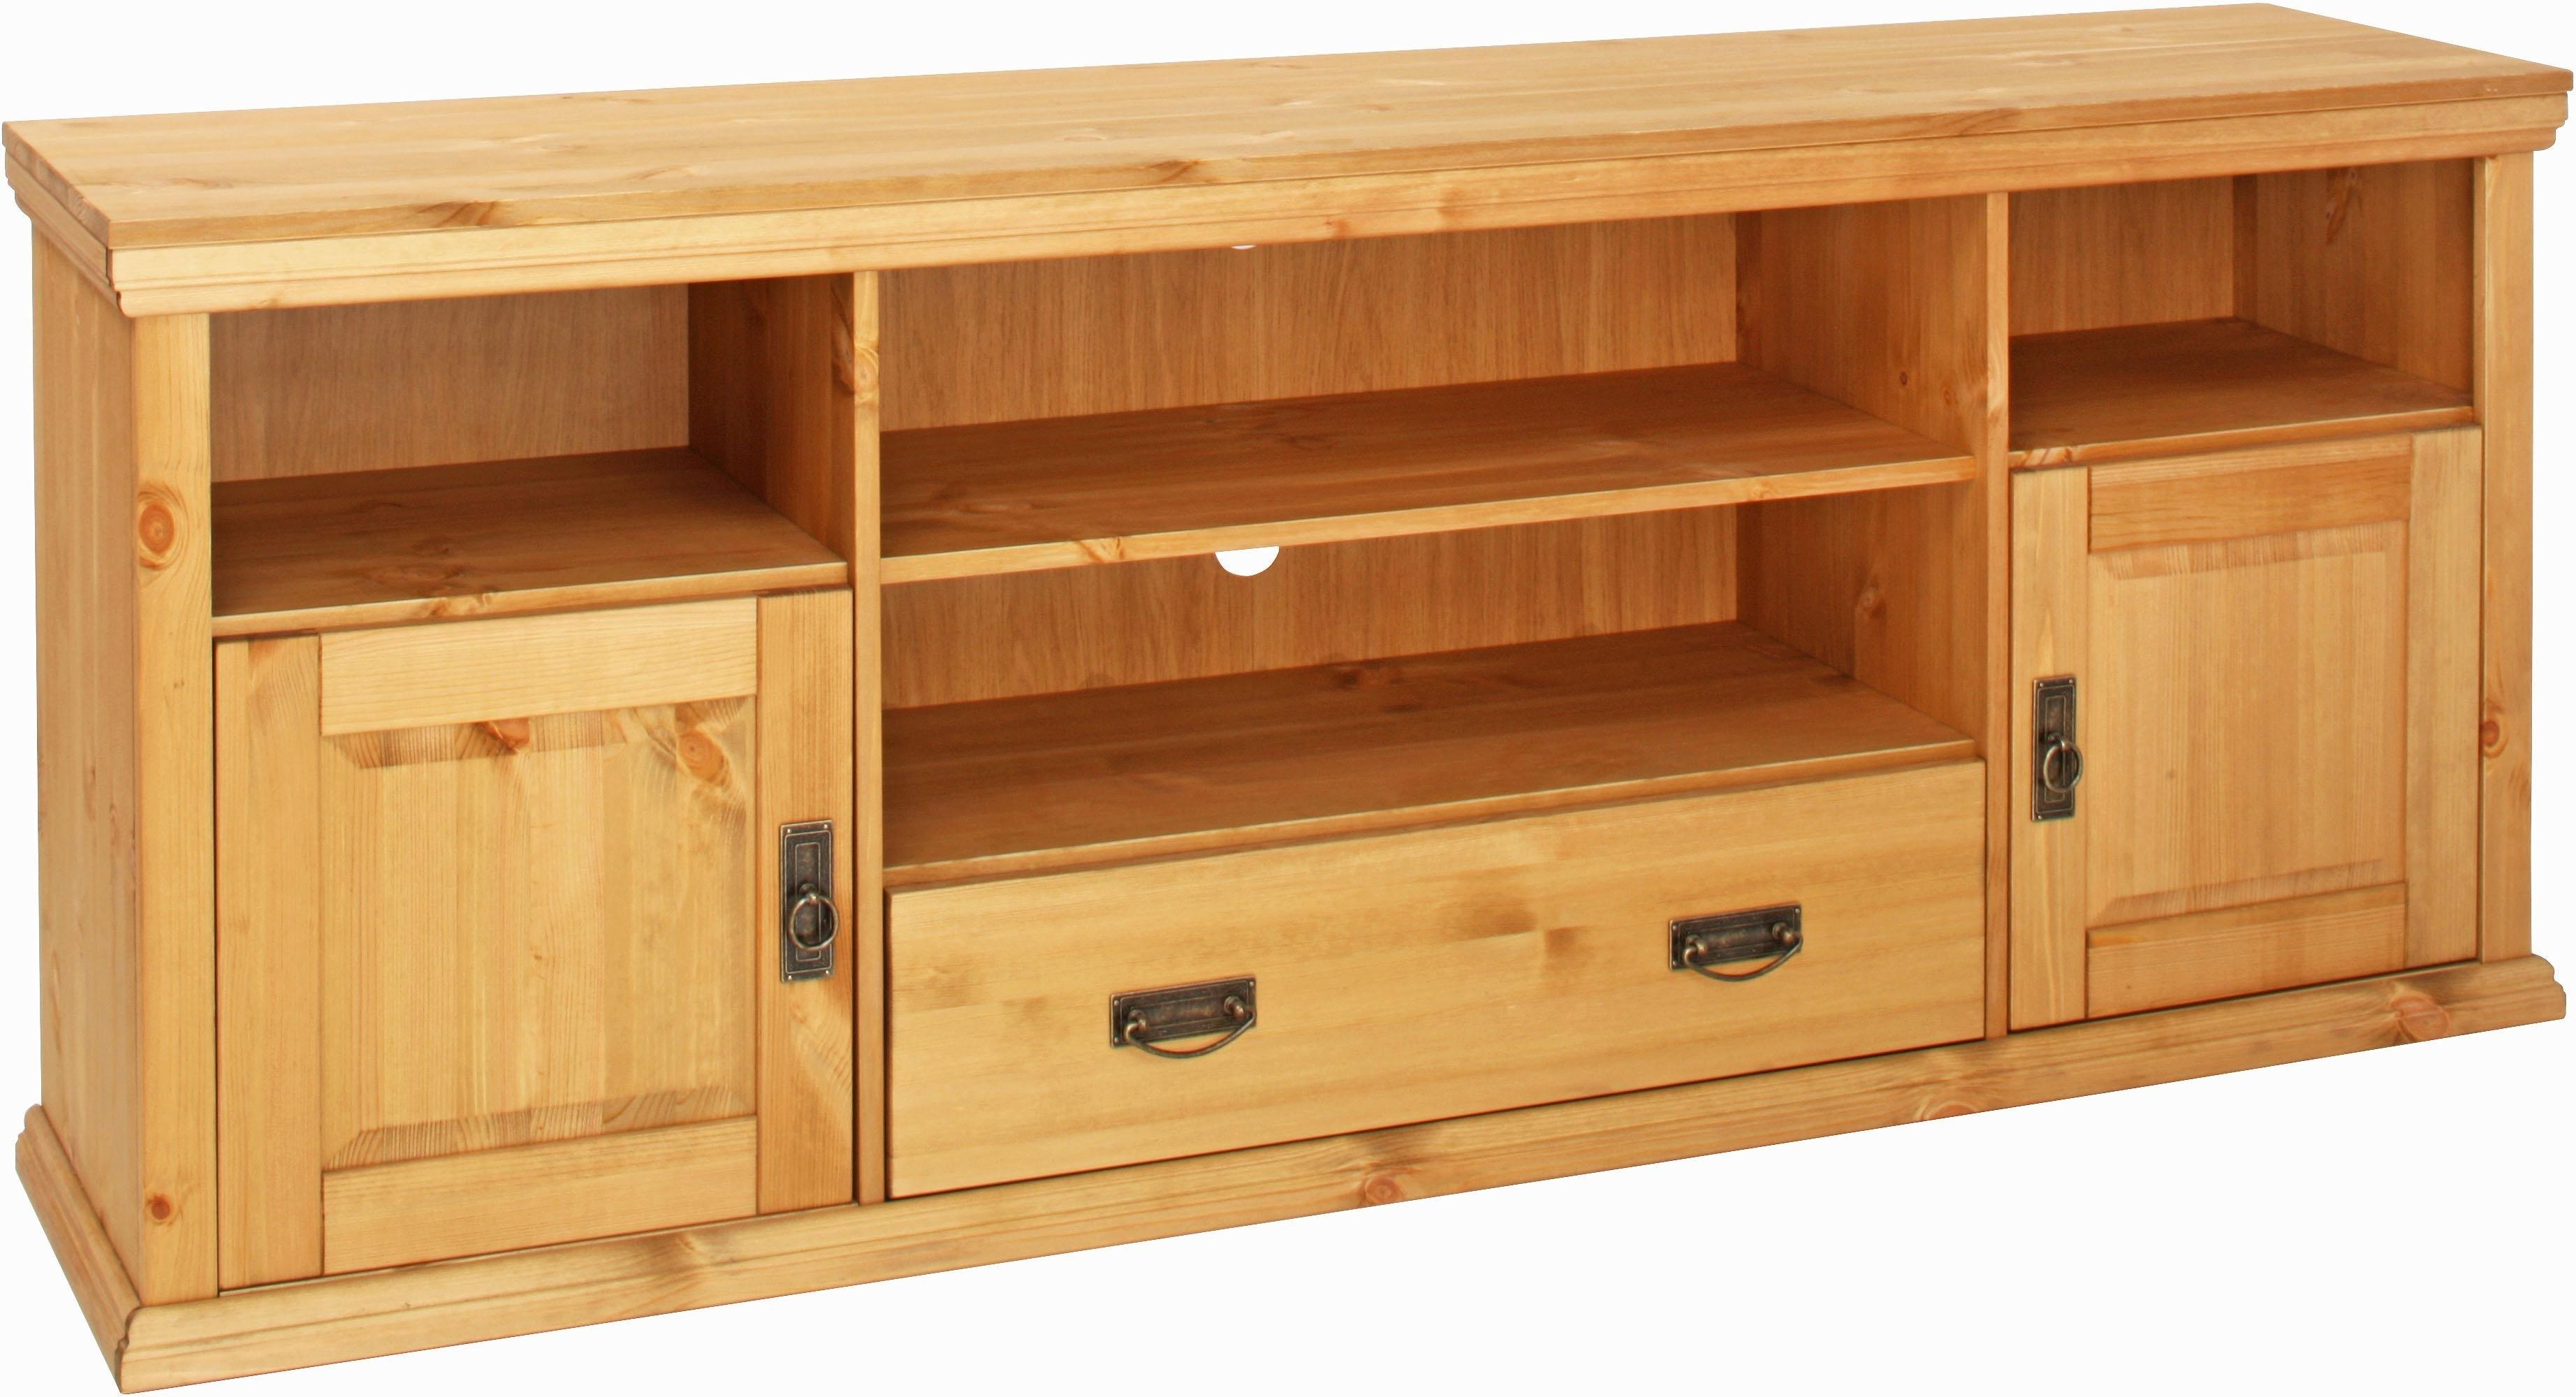 Home Affaire Tv-meubel »Serie Konrads«, breedte 185 cm goedkoop op otto.nl kopen